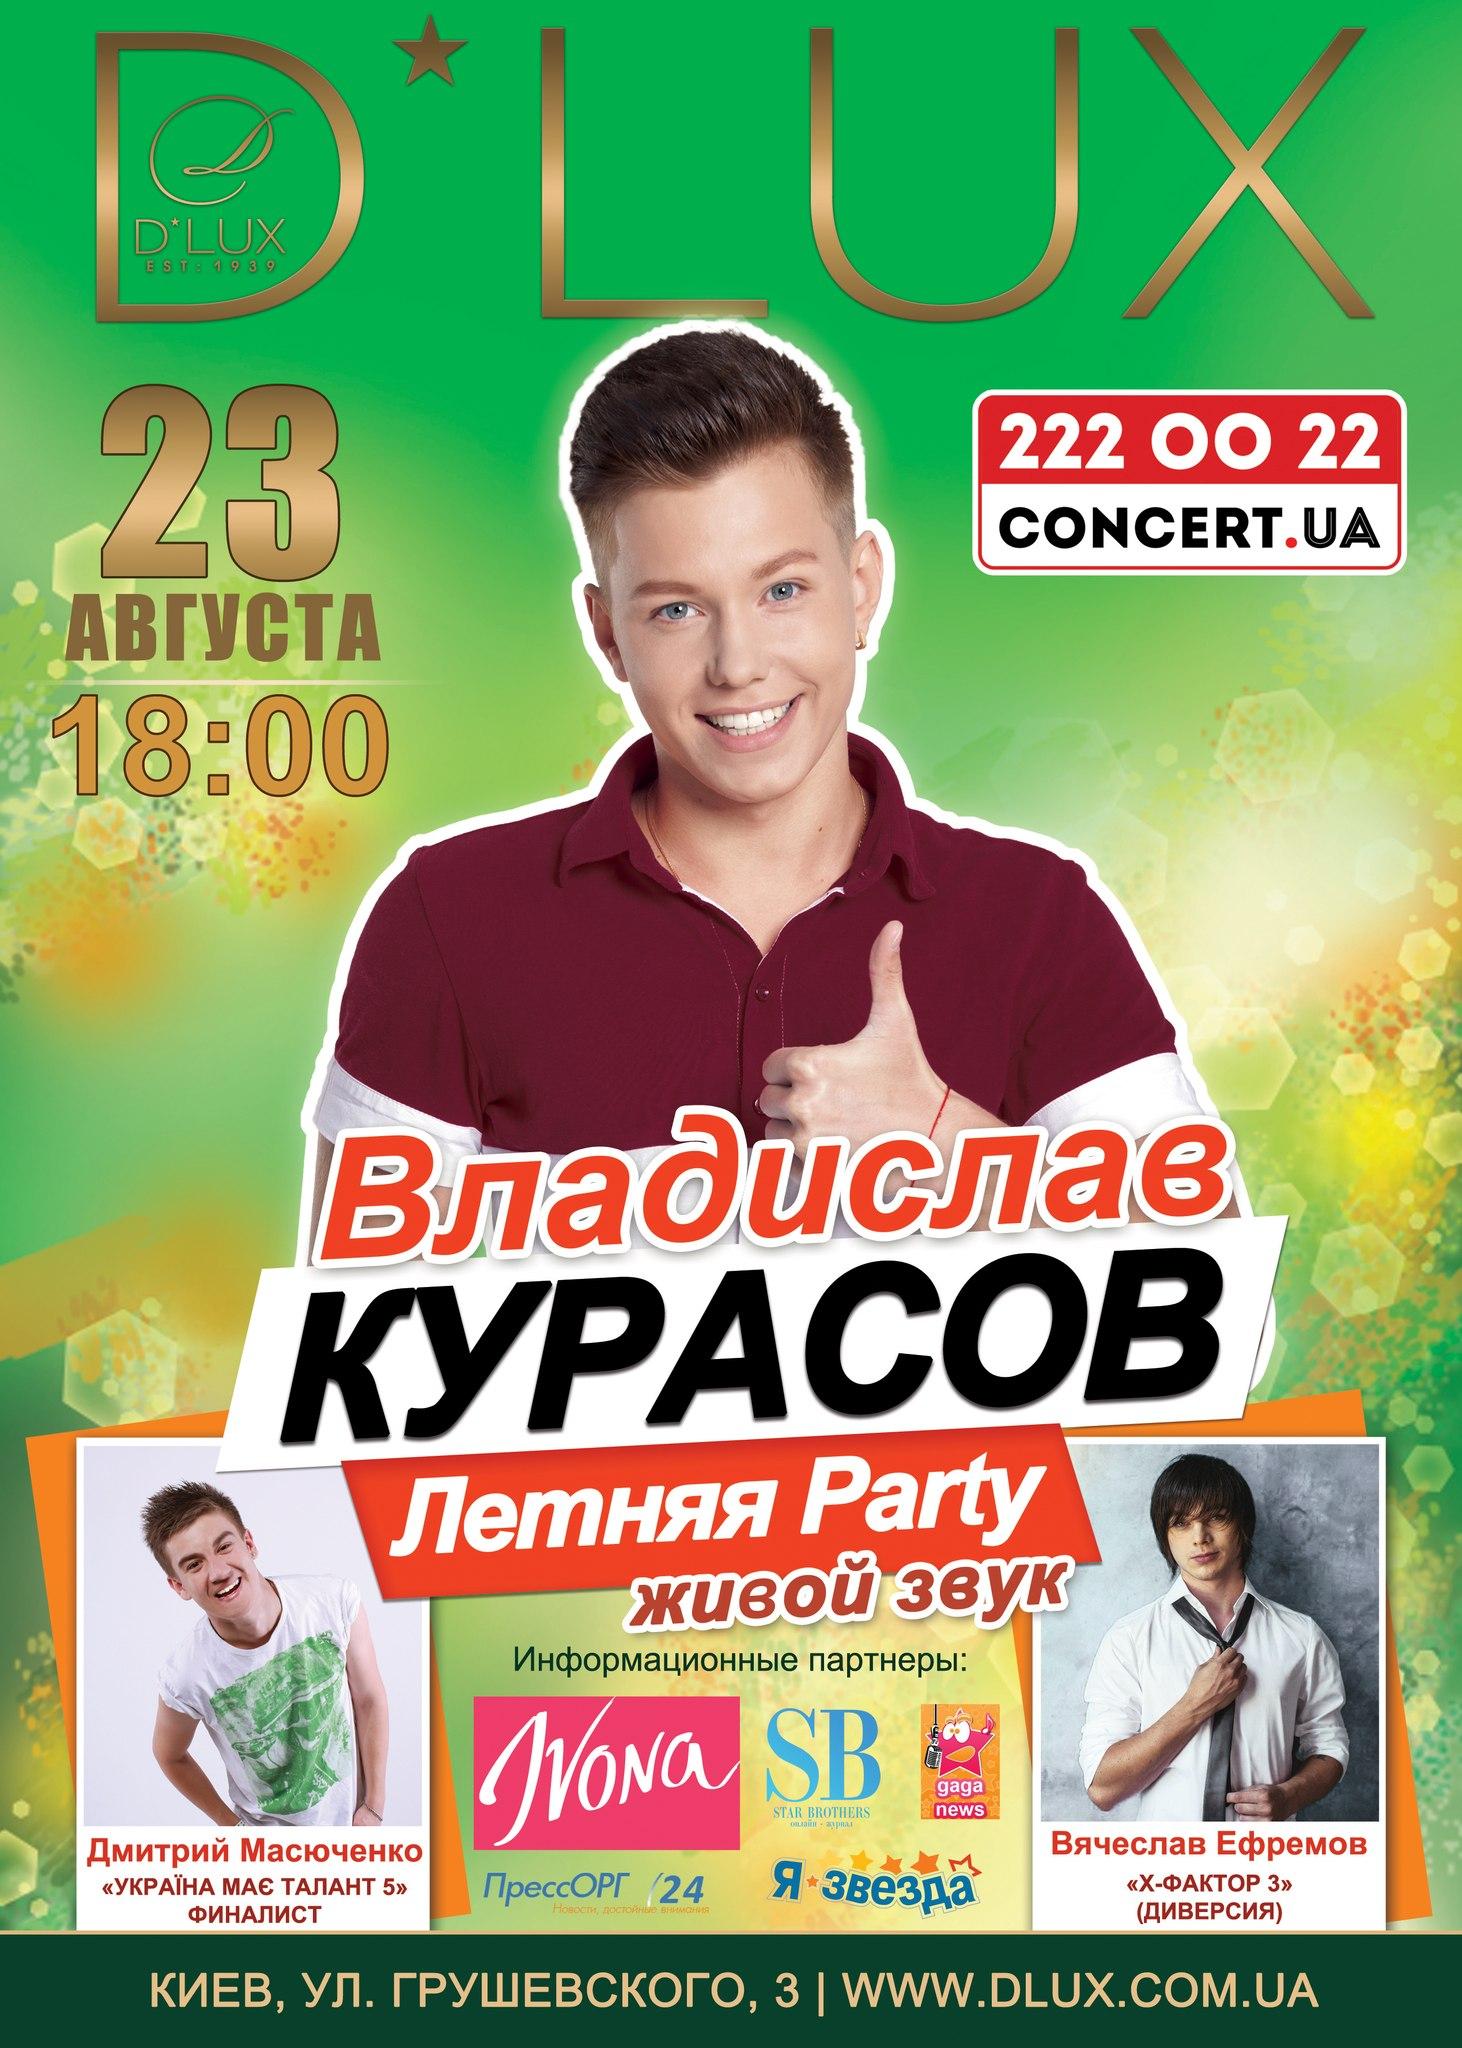 Влад Курасов даст концерт в Киеве